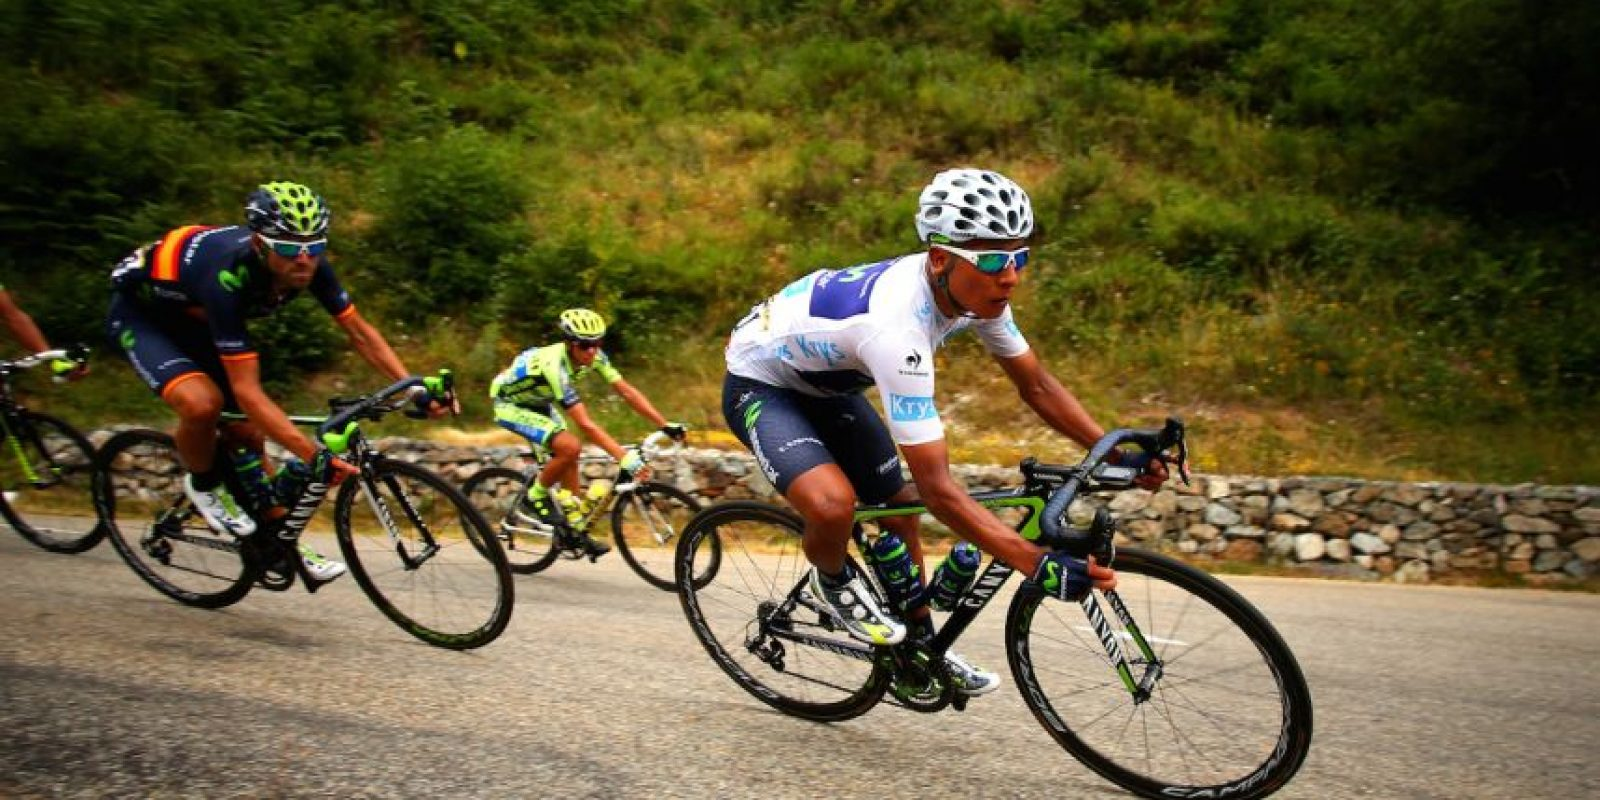 En 2014 se coronó ganador del Giro de Italia, convirtiéndose en el primer latinoamericano en ganar esta competencia. Foto:Getty Images